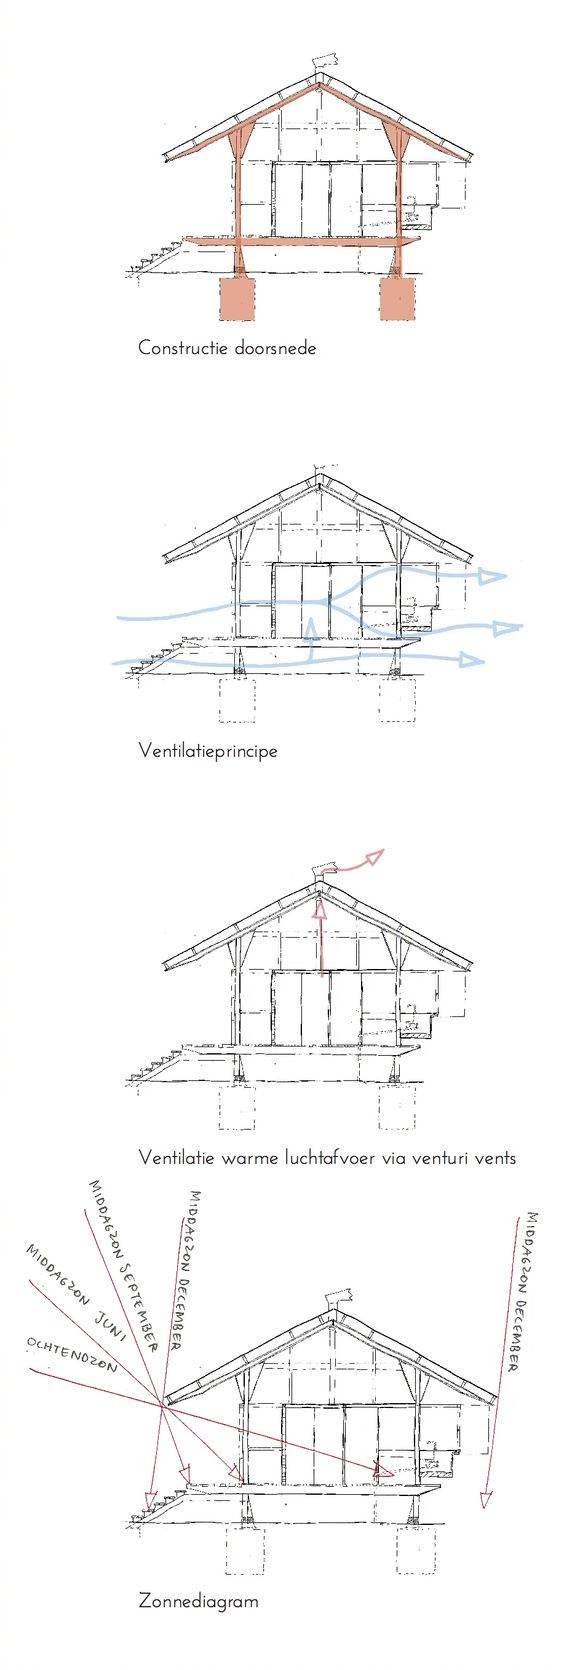 查看《建筑设计》原图,原图尺寸:564x1670